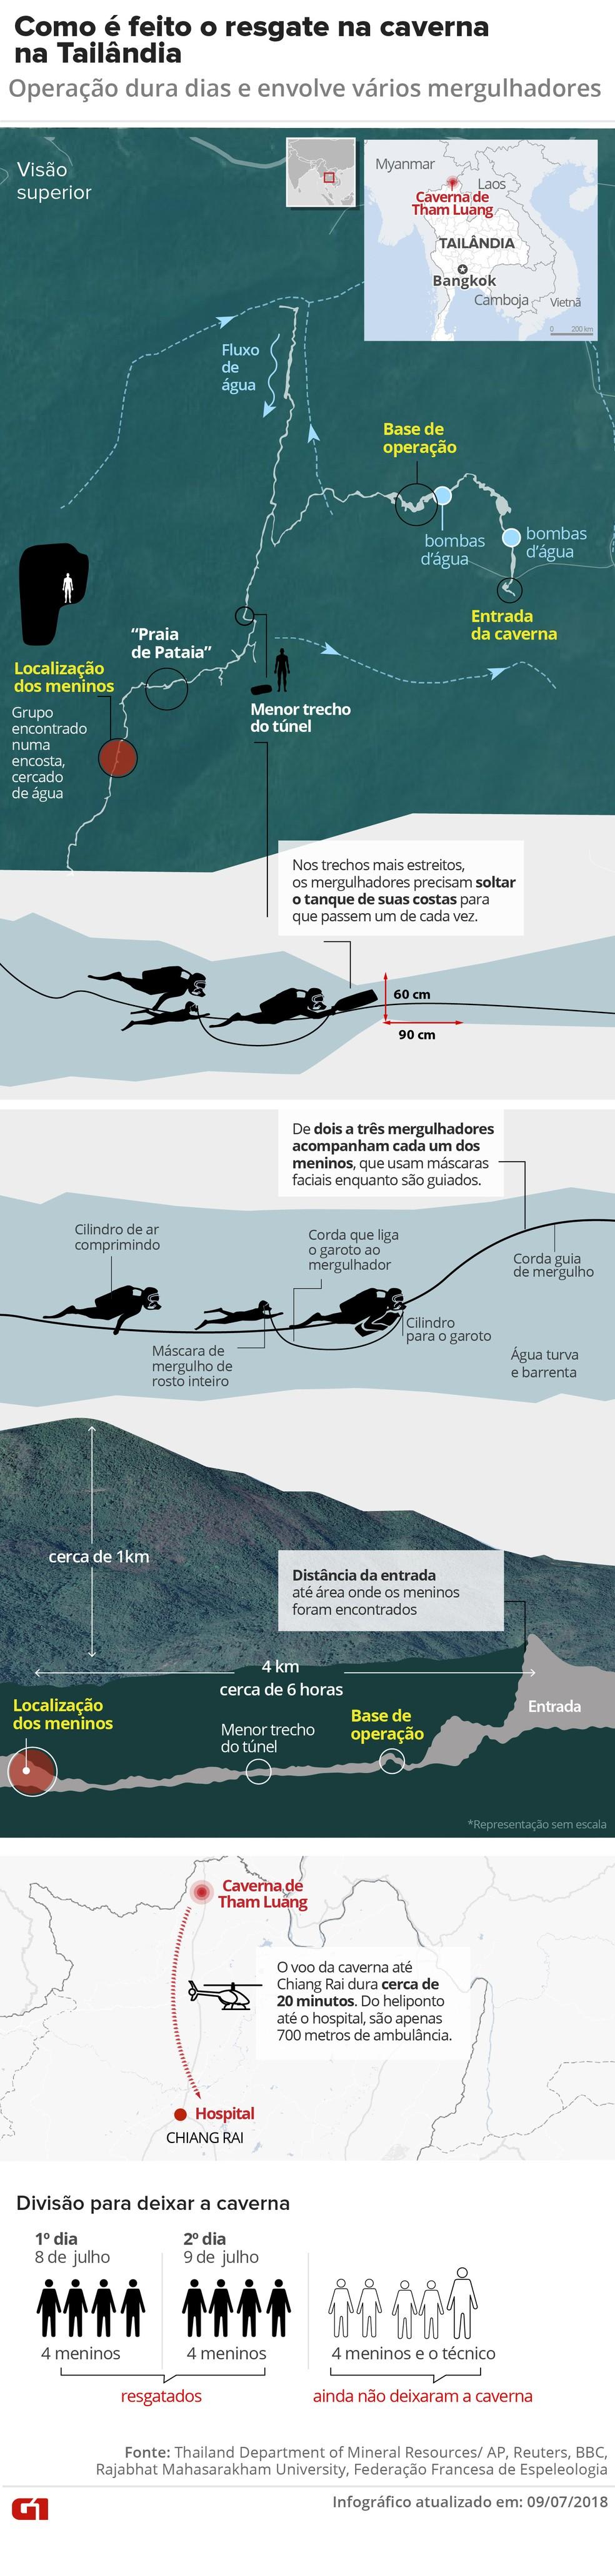 Como é feito o resgate dos meninos e do técnico em caverna na Tailândia (Foto: Karina Almeida/ Arte G1)